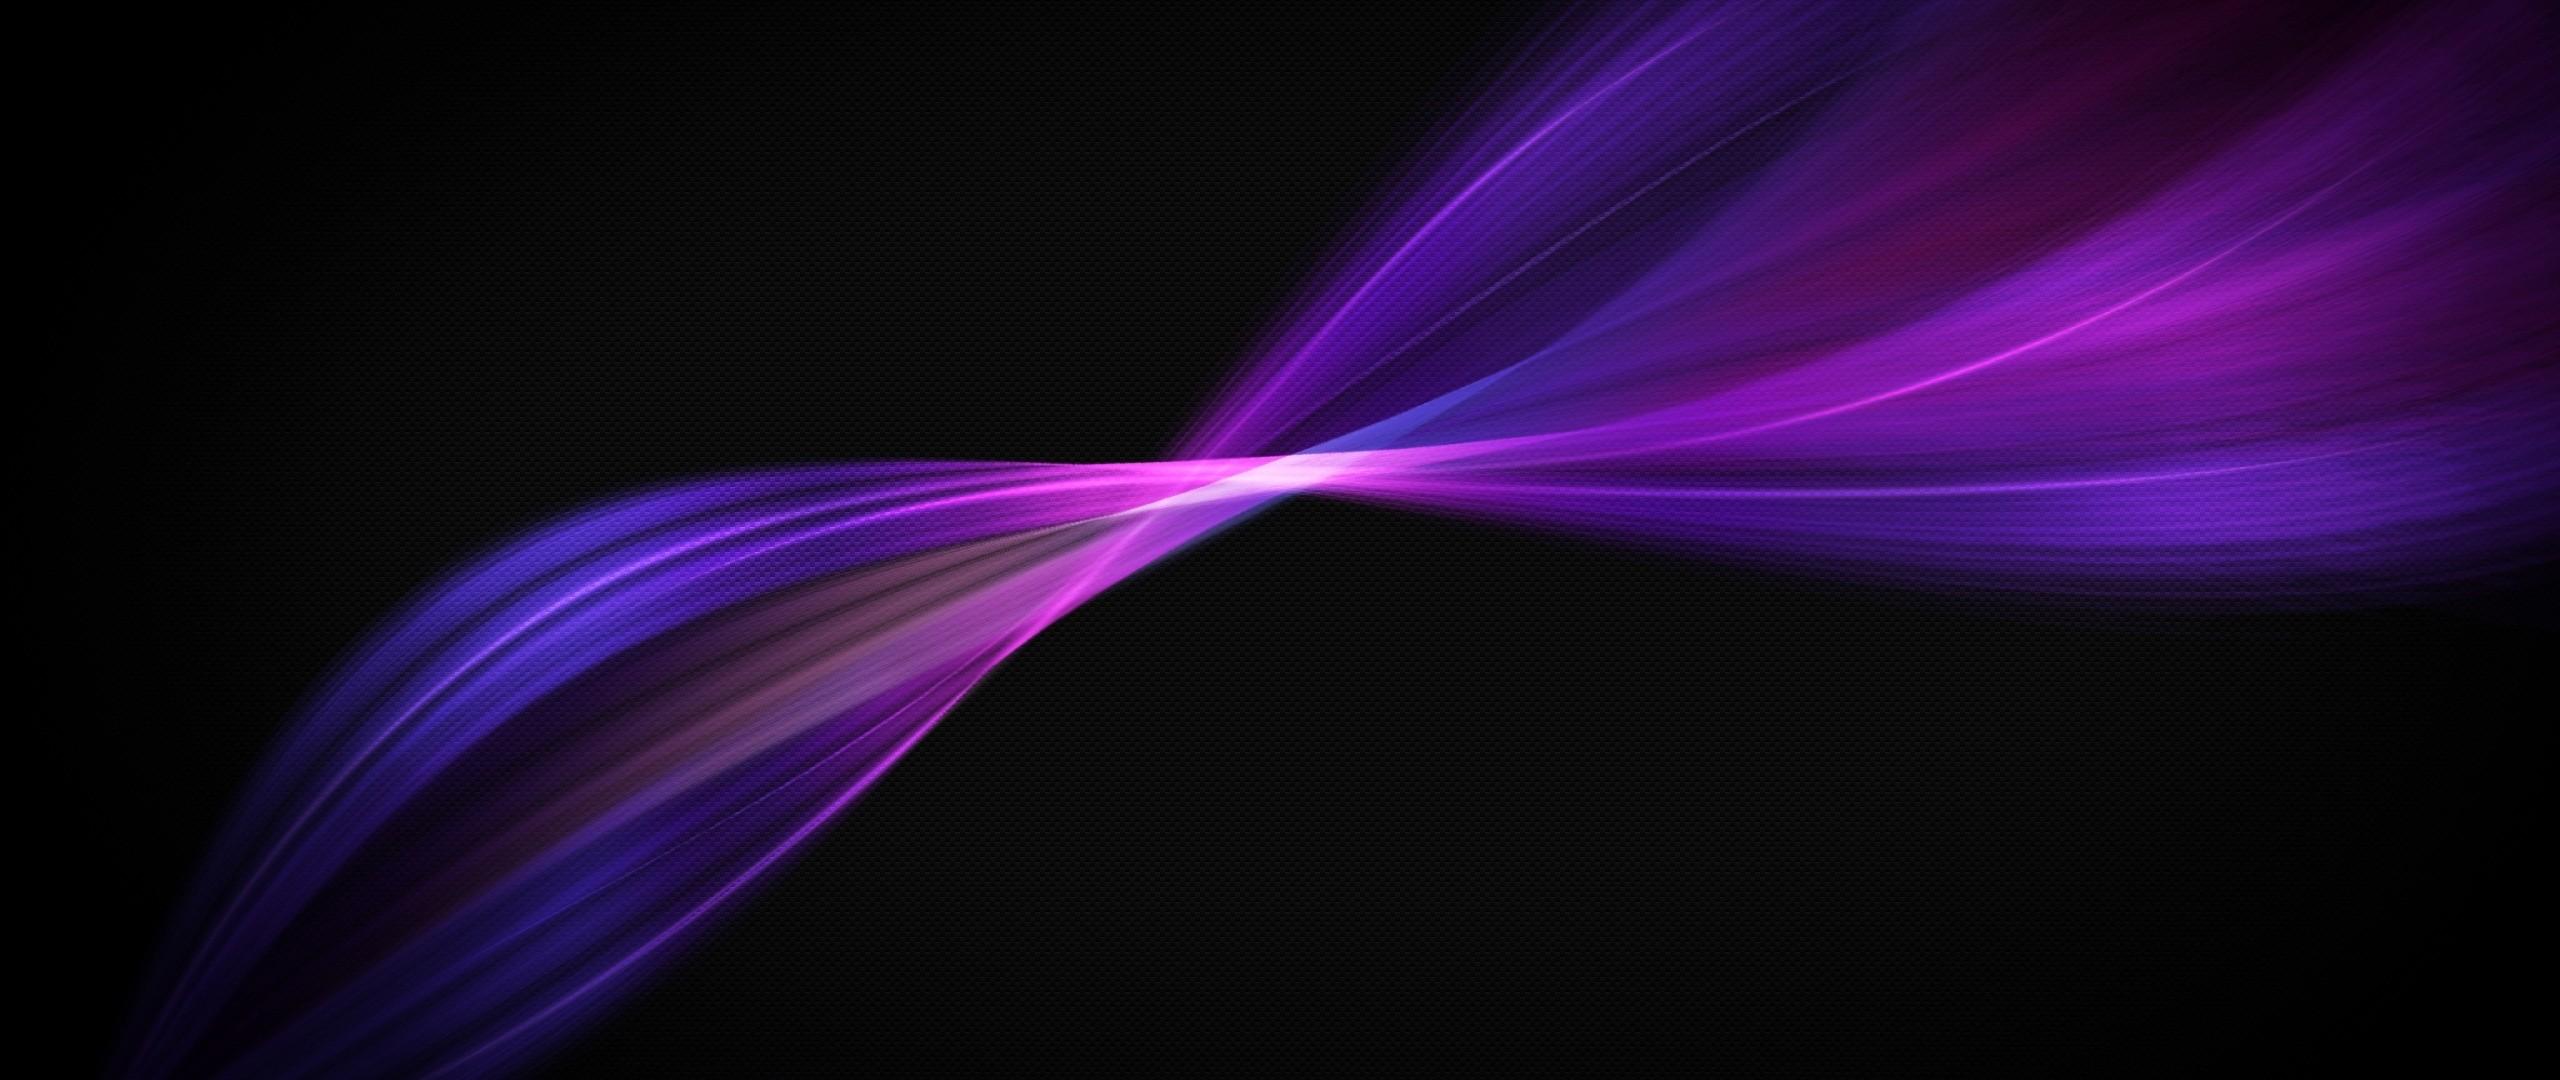 Preview portal 2